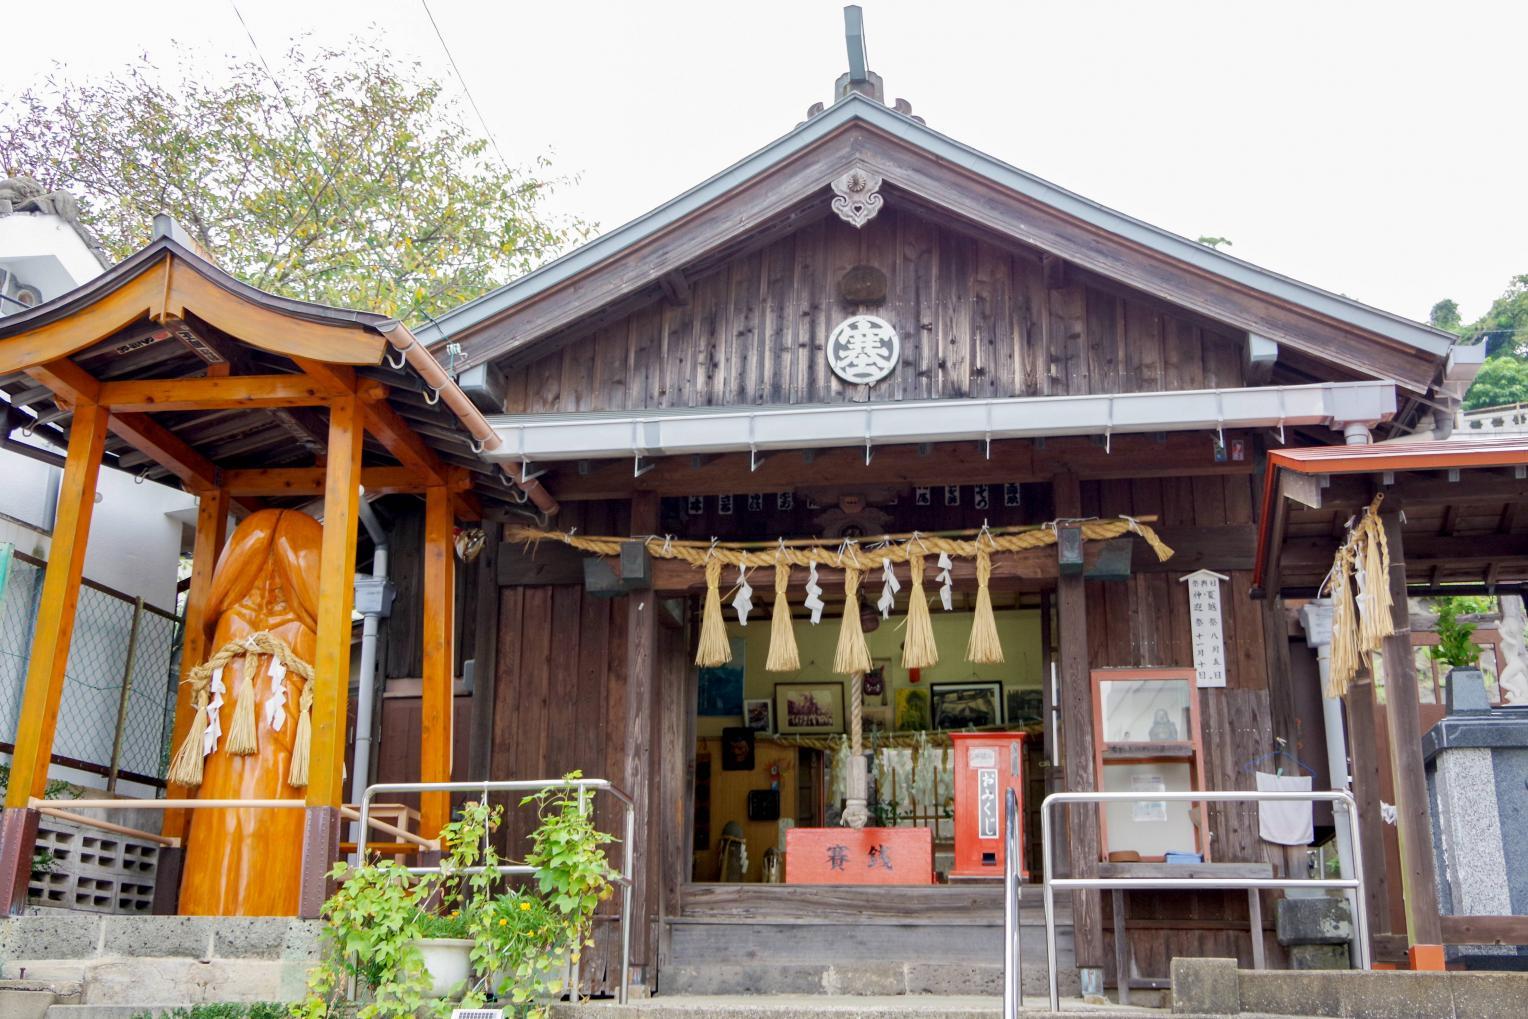 巨大なシンボルが鎮座する塞神社-0